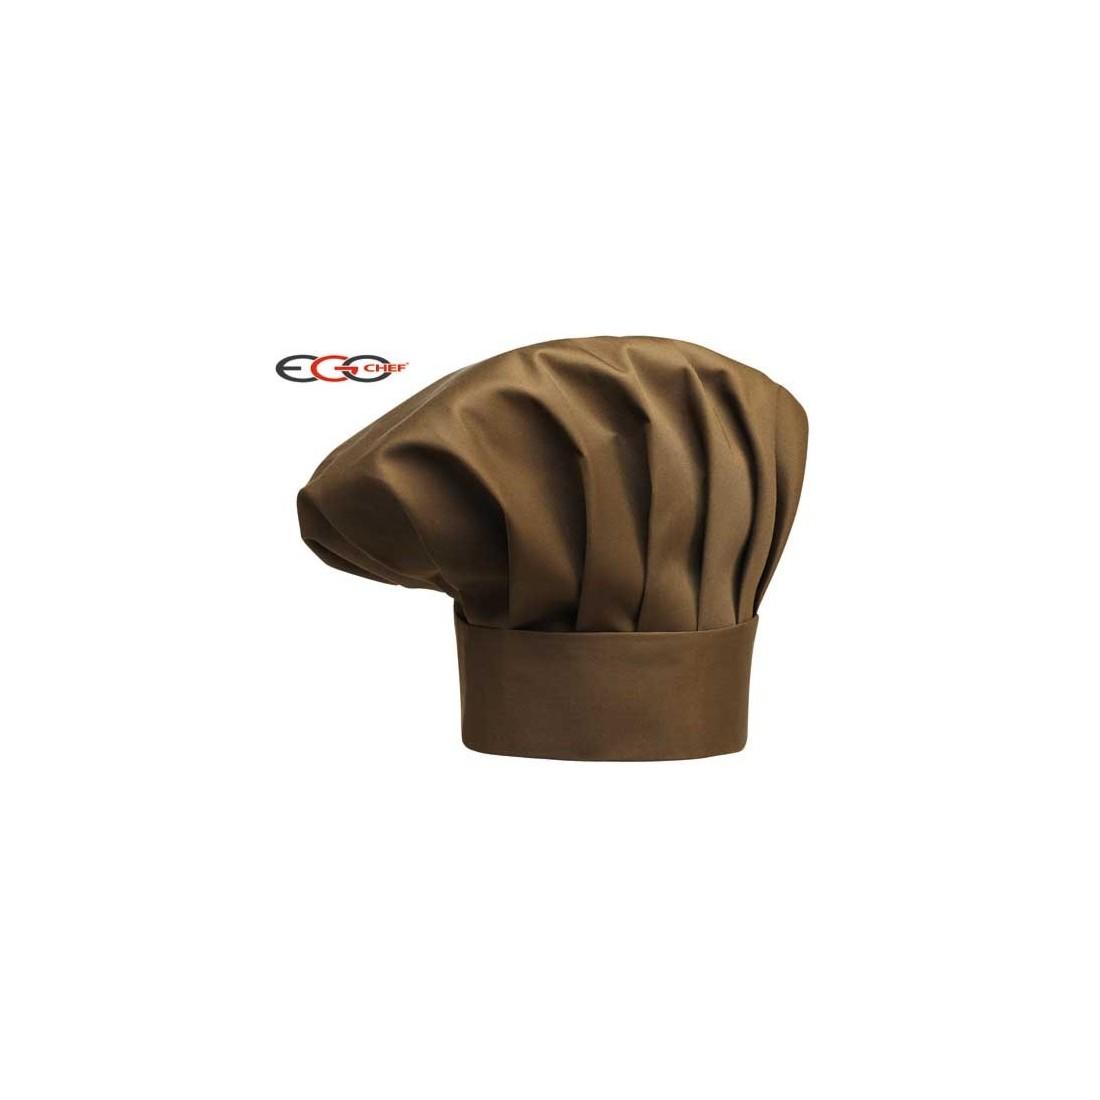 Gorros cocina champiñón marrón